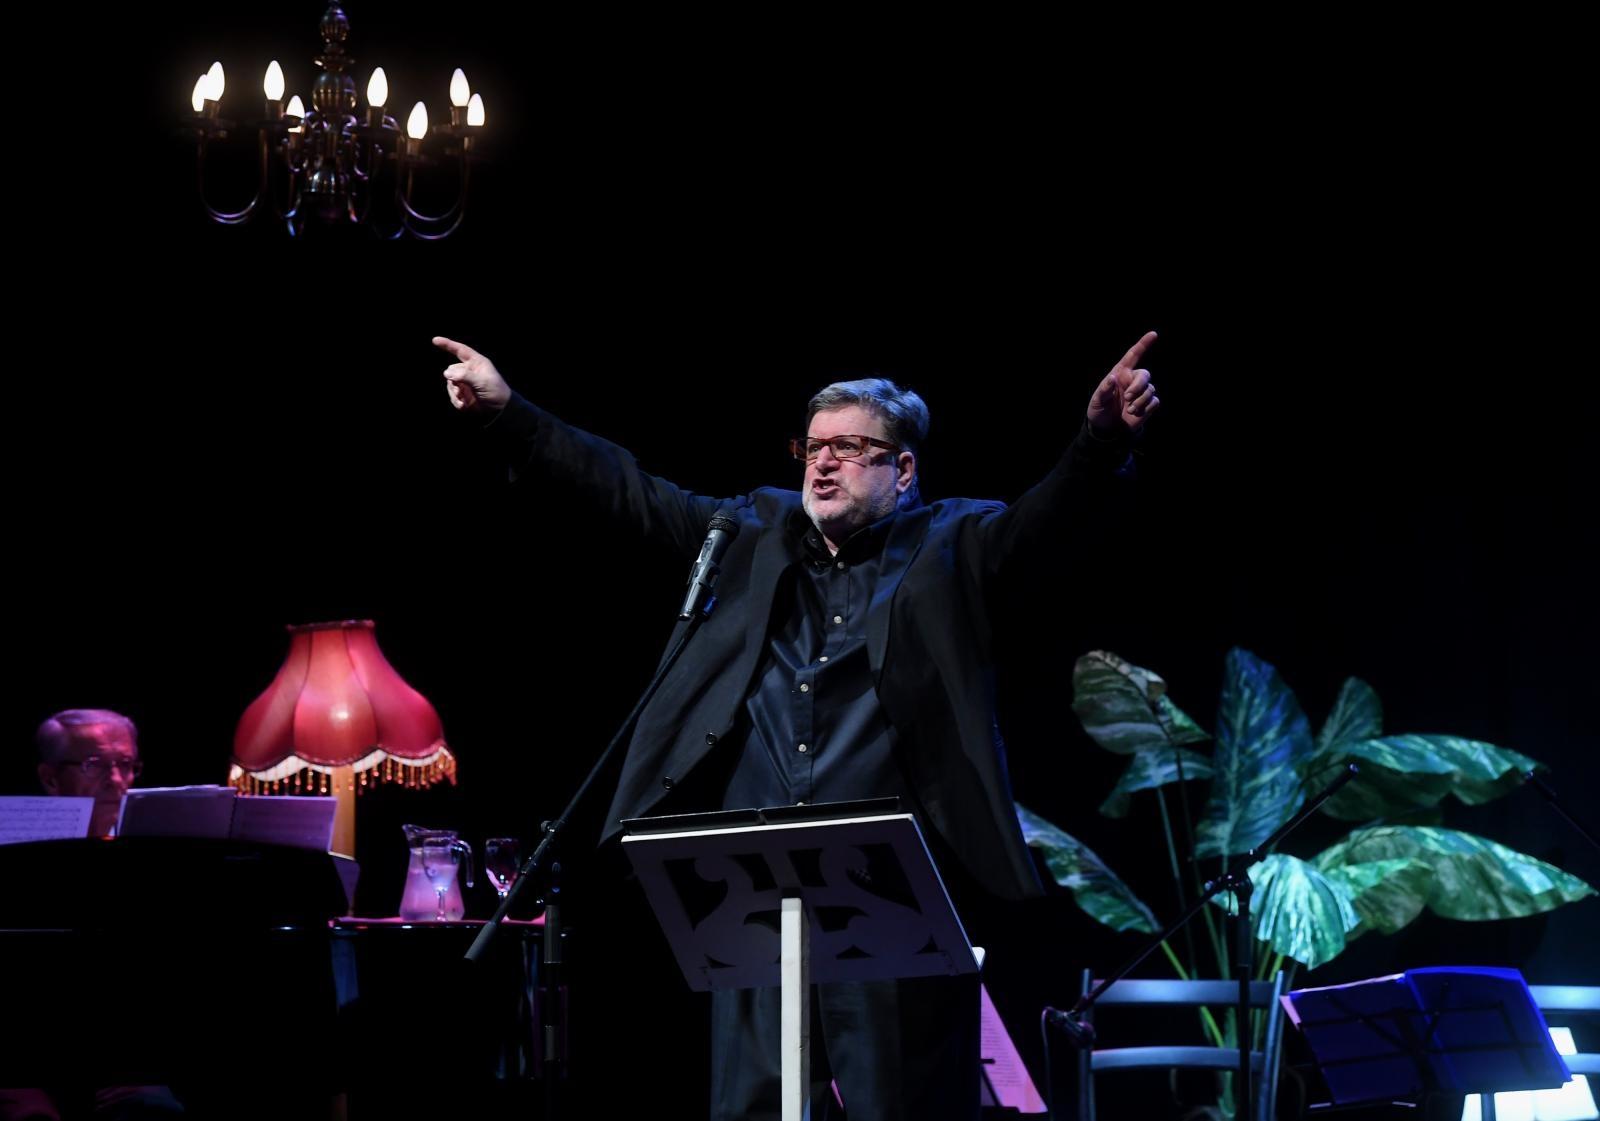 VIDEO: Spektakularnim koncertom Zlatko Vitez proslavio 50 godina umjetničkog djelovanja